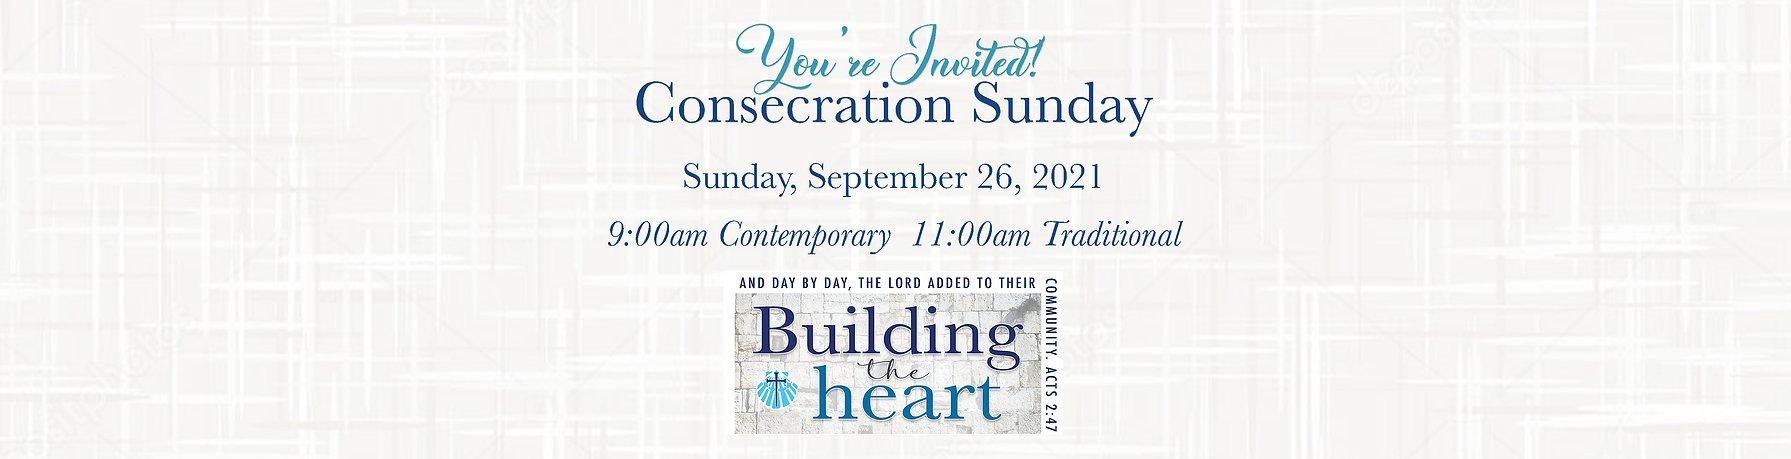 consecration web copy.jpg